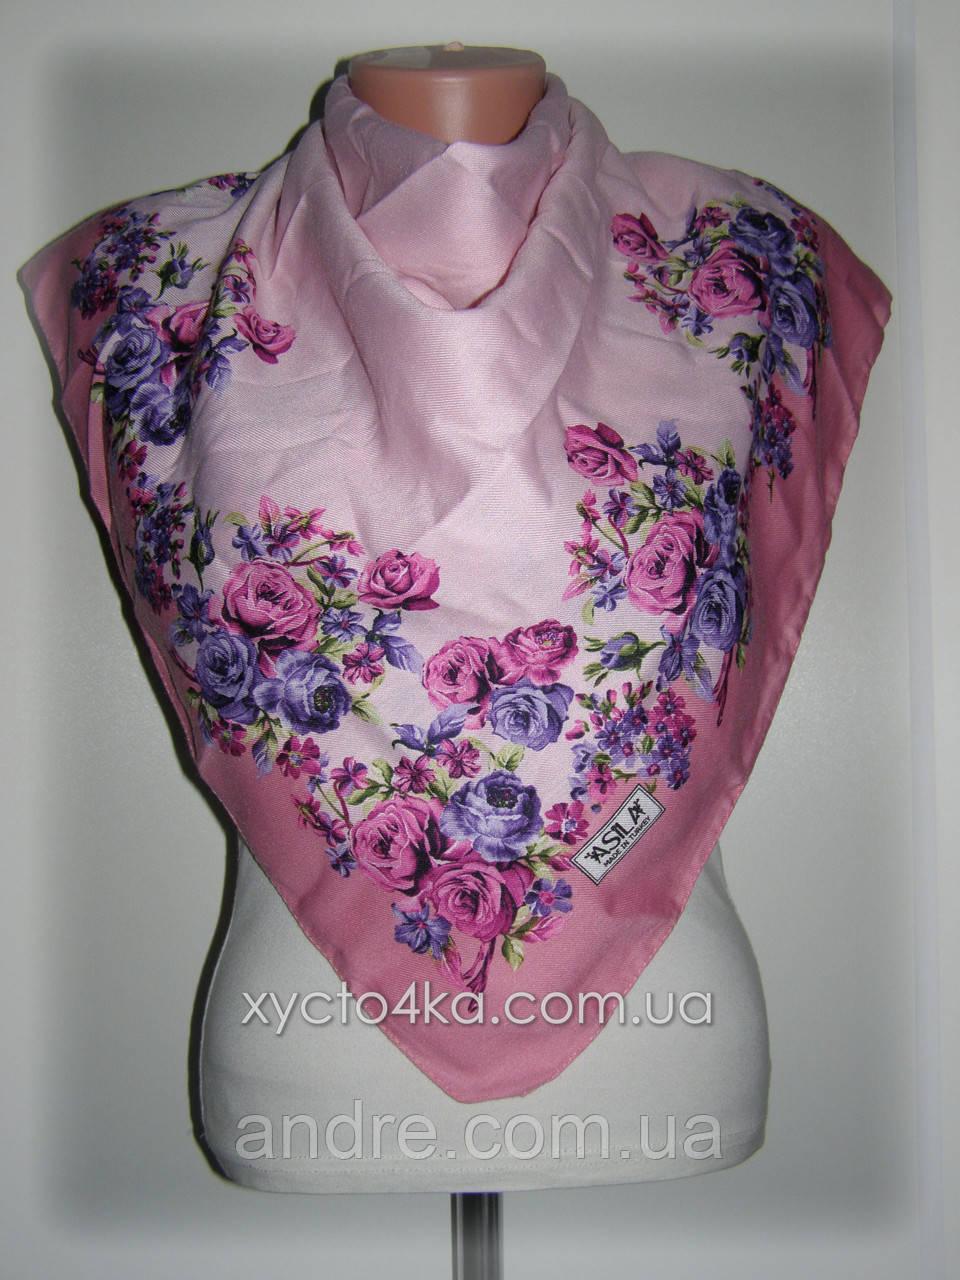 Платок кашемировый Диво розовый 80см